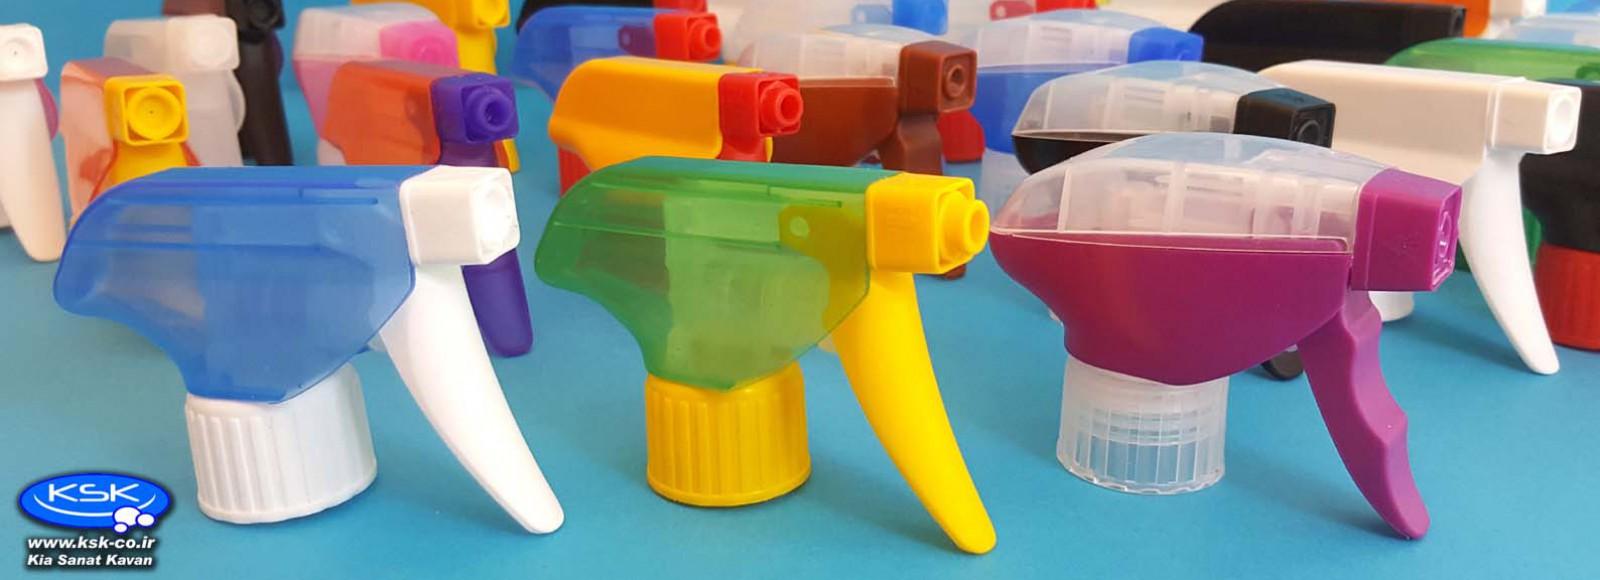 پمپ های تریگر شیشه شور Trigger Pump